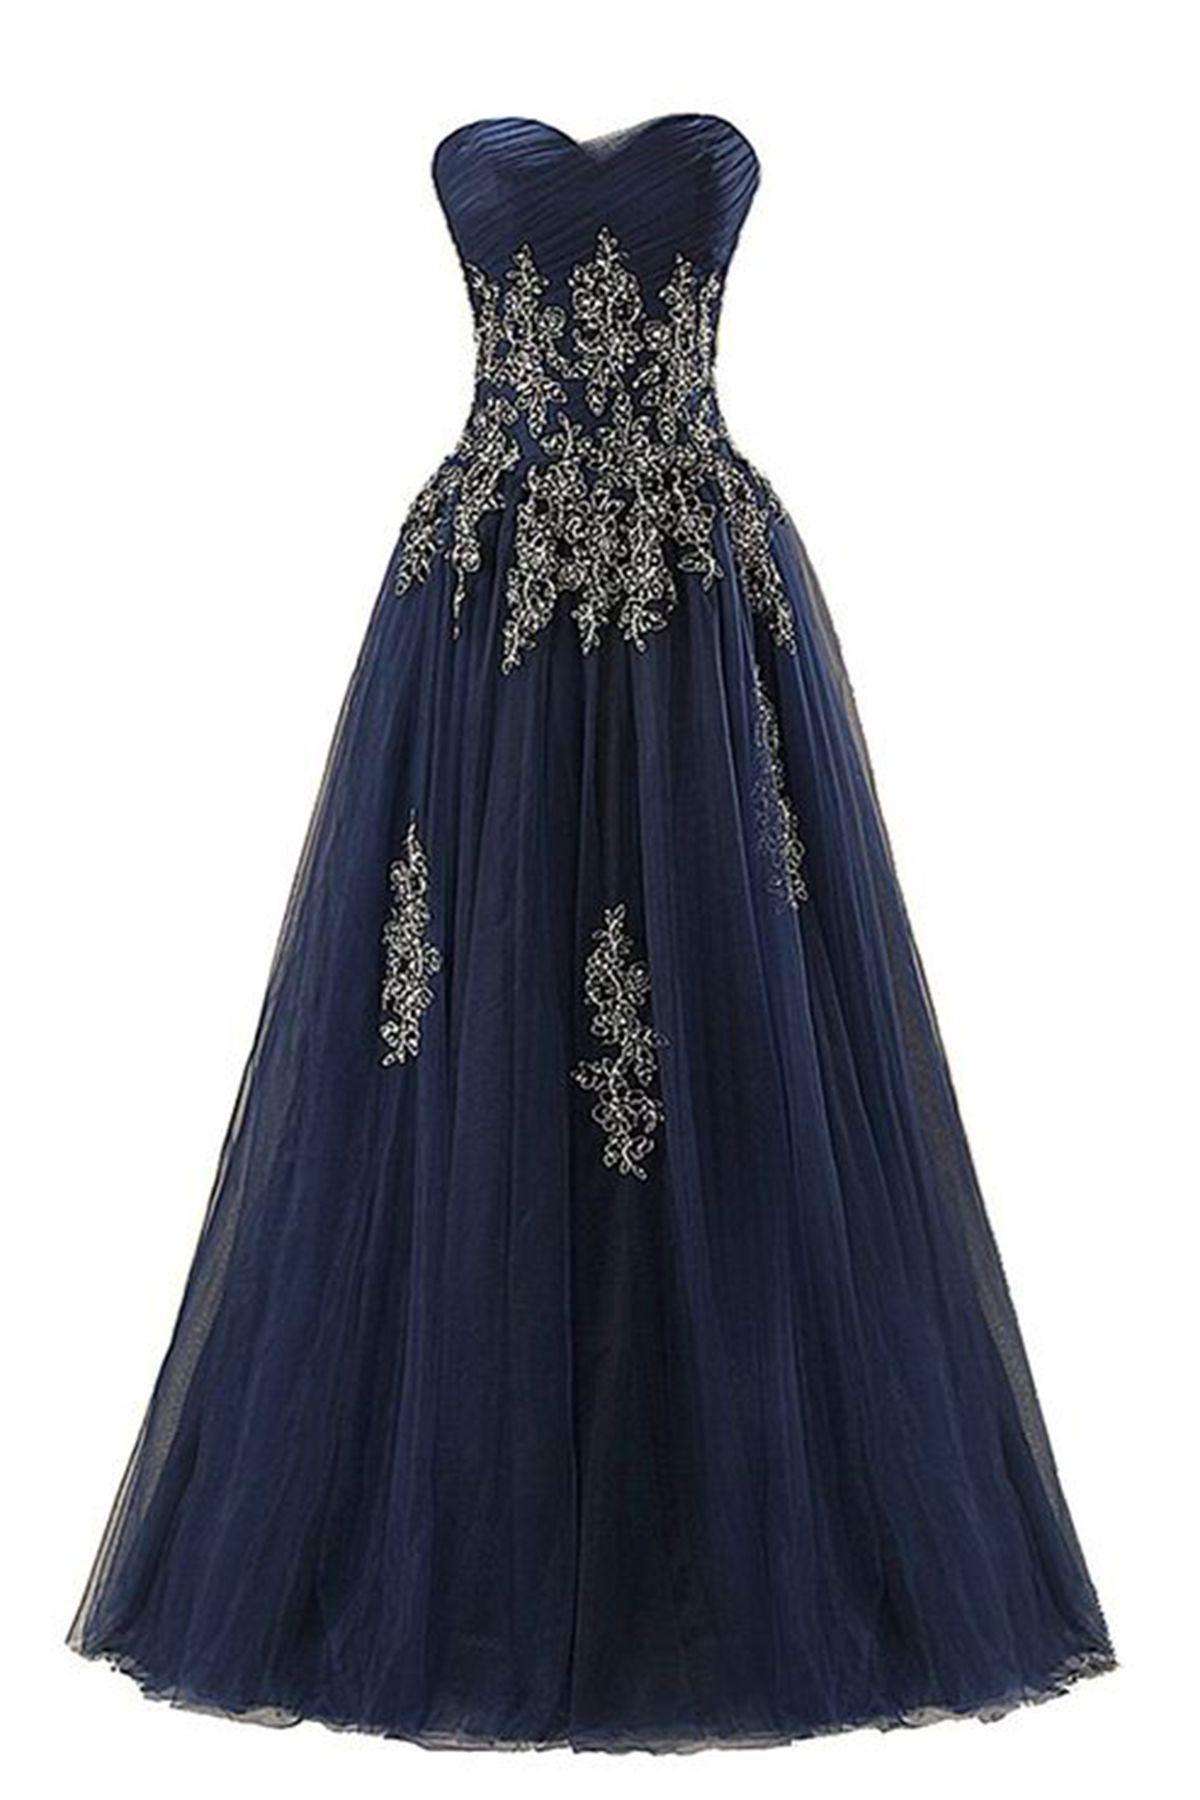 New navy blue tulle long sleeveless prom dresses gowns pinterest